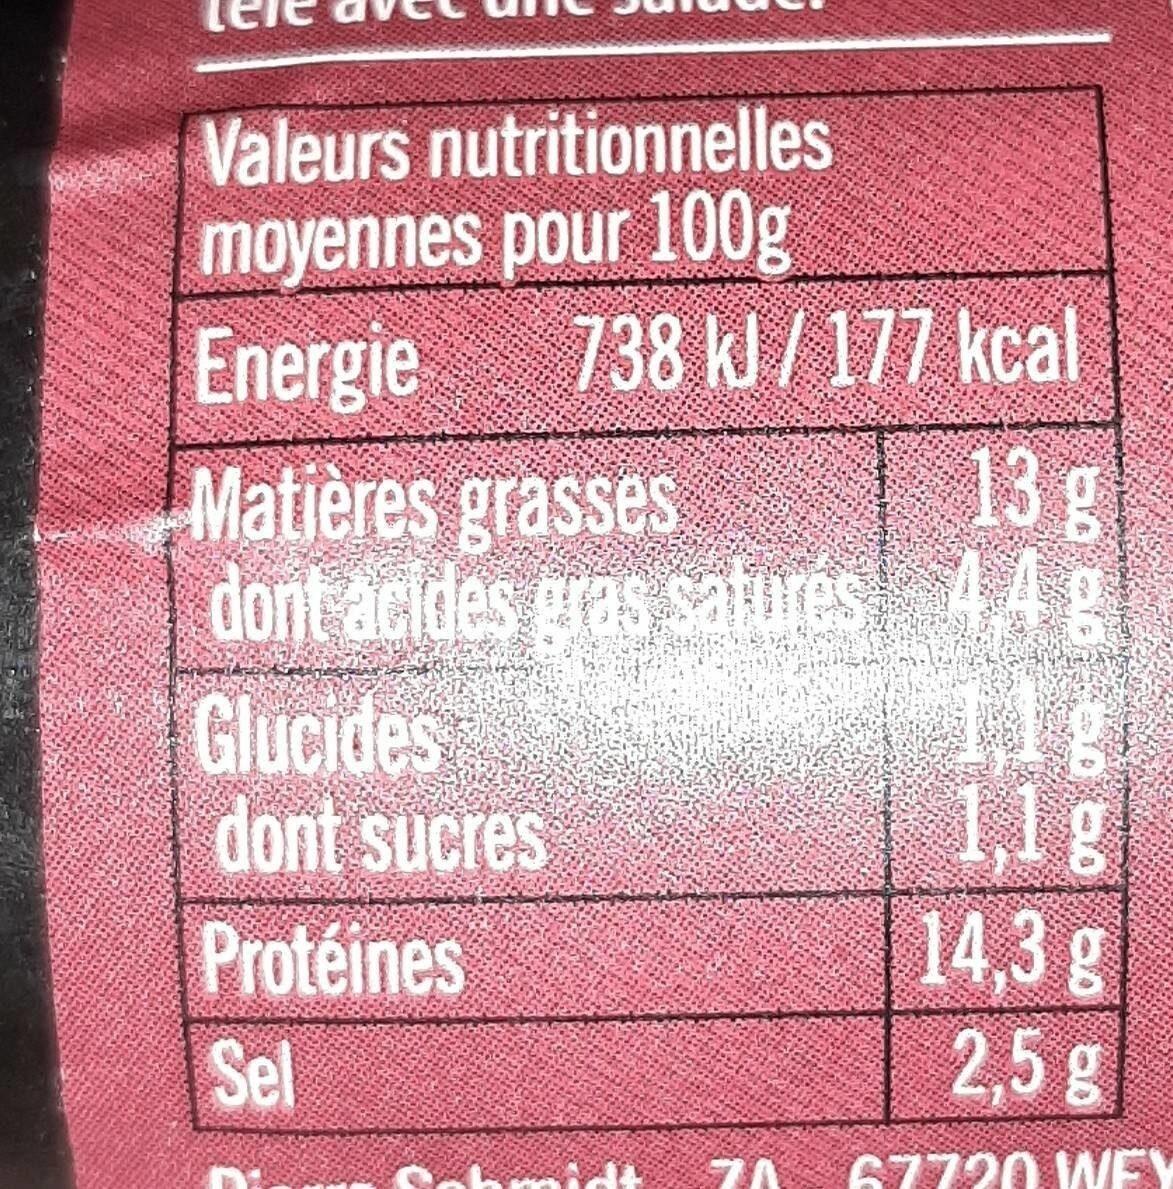 Pierre Schmidt, Saucisse de jambon, piecette, le - Informations nutritionnelles - fr